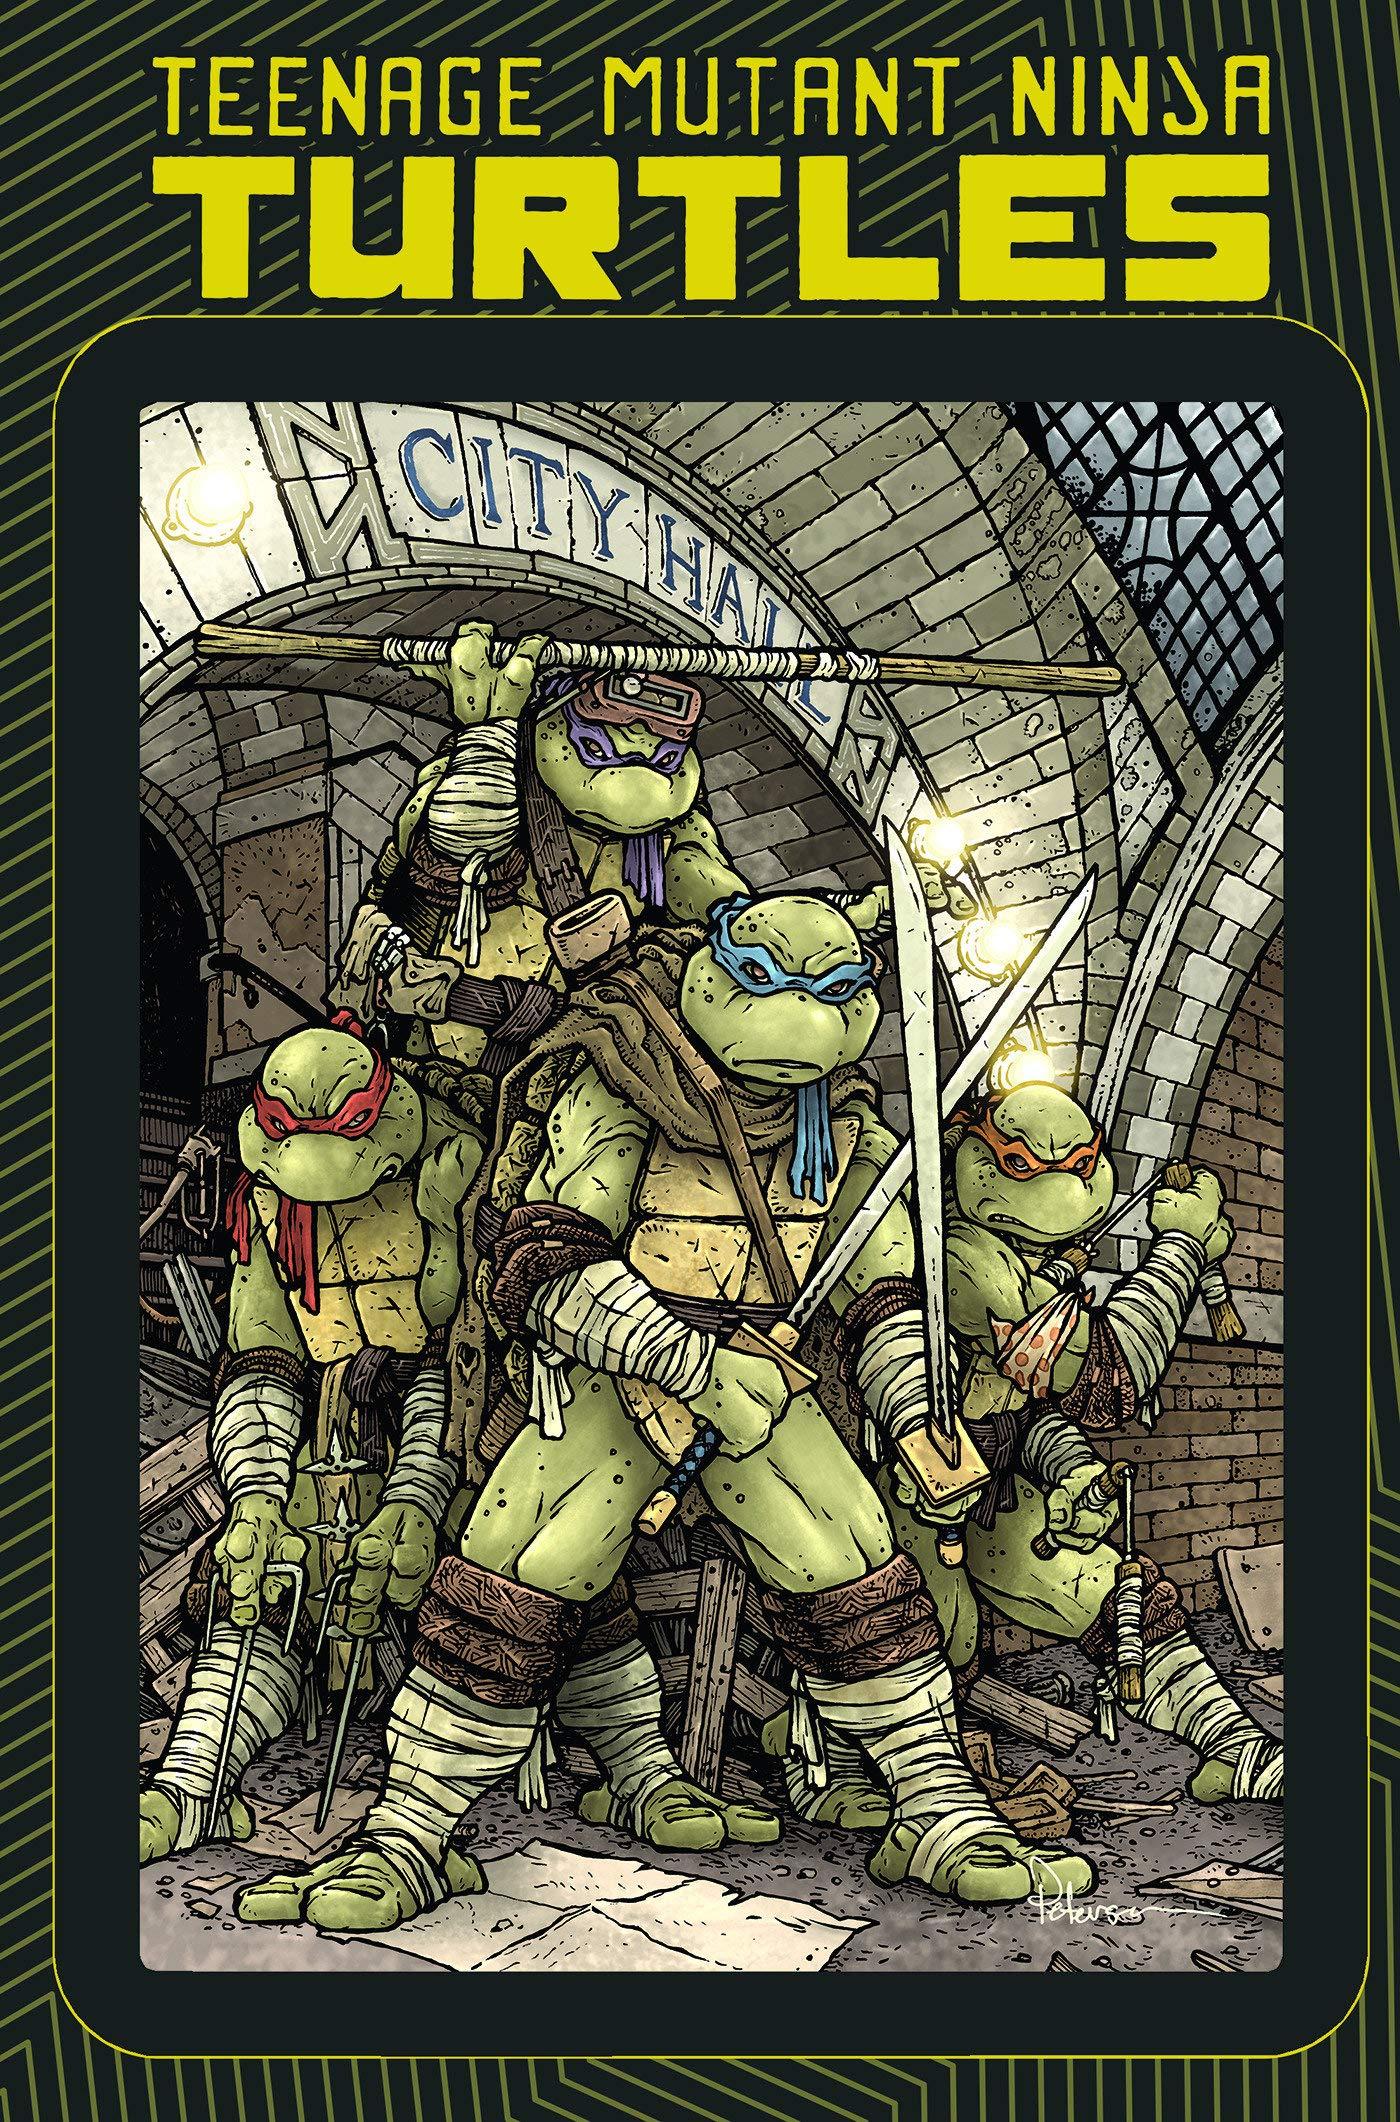 Amazon.com: Teenage Mutant Ninja Turtles: Macro-Series ...